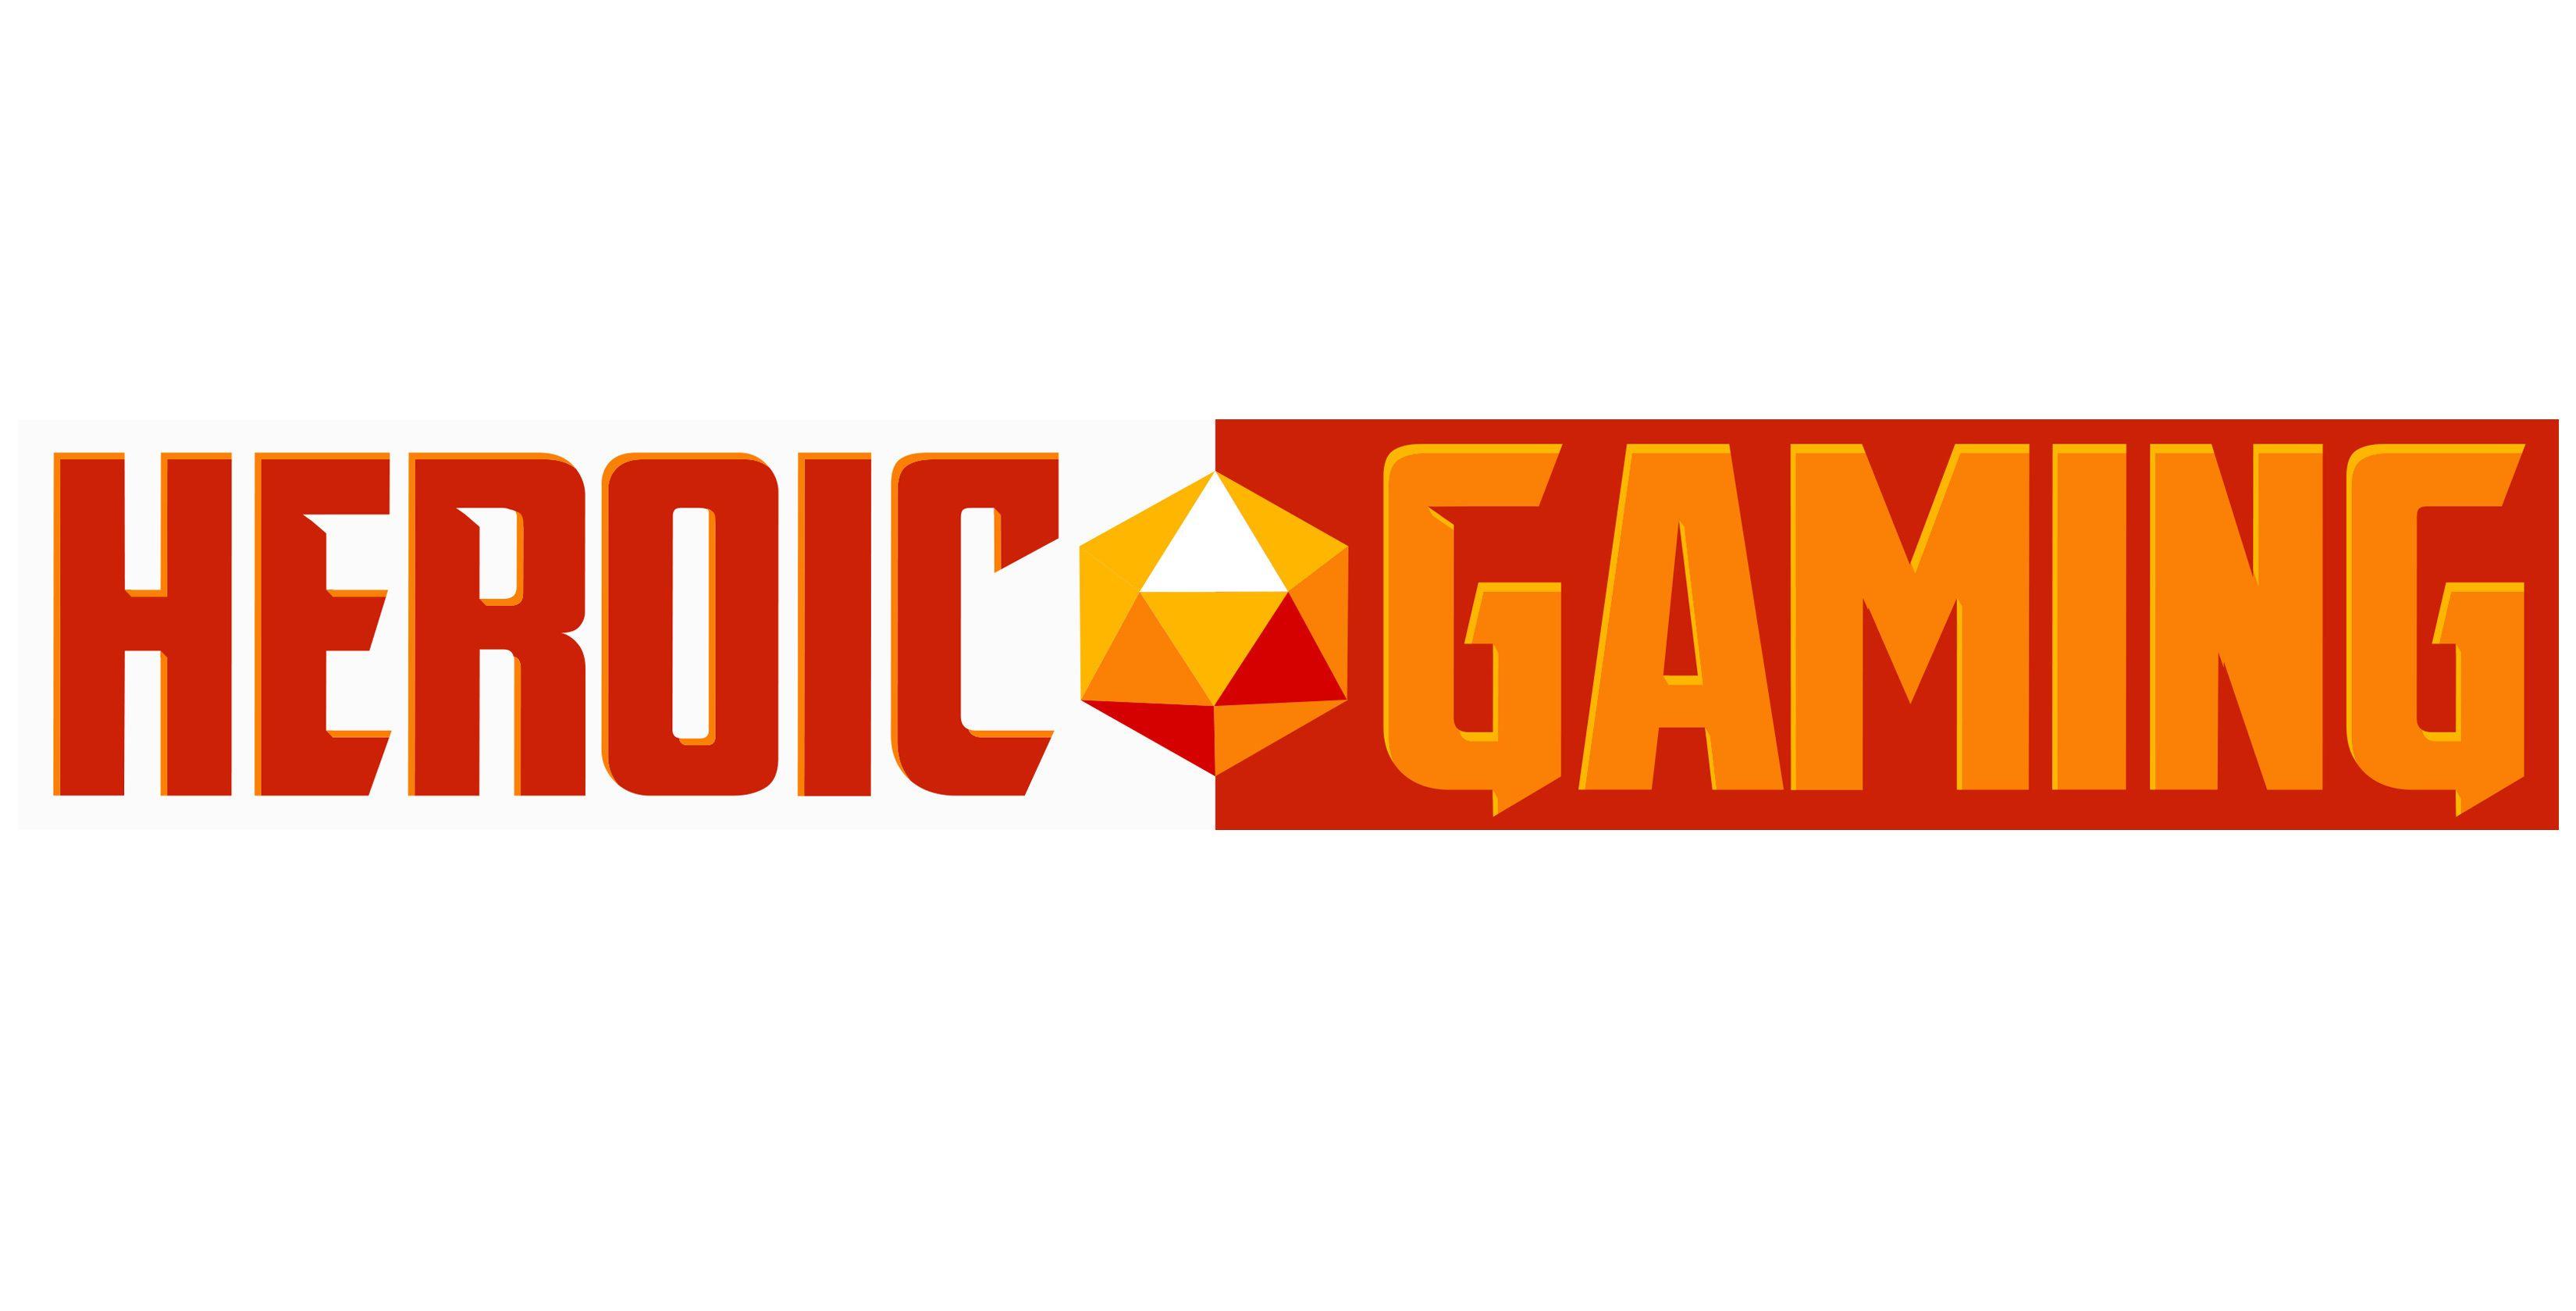 Heroic Gaming Group